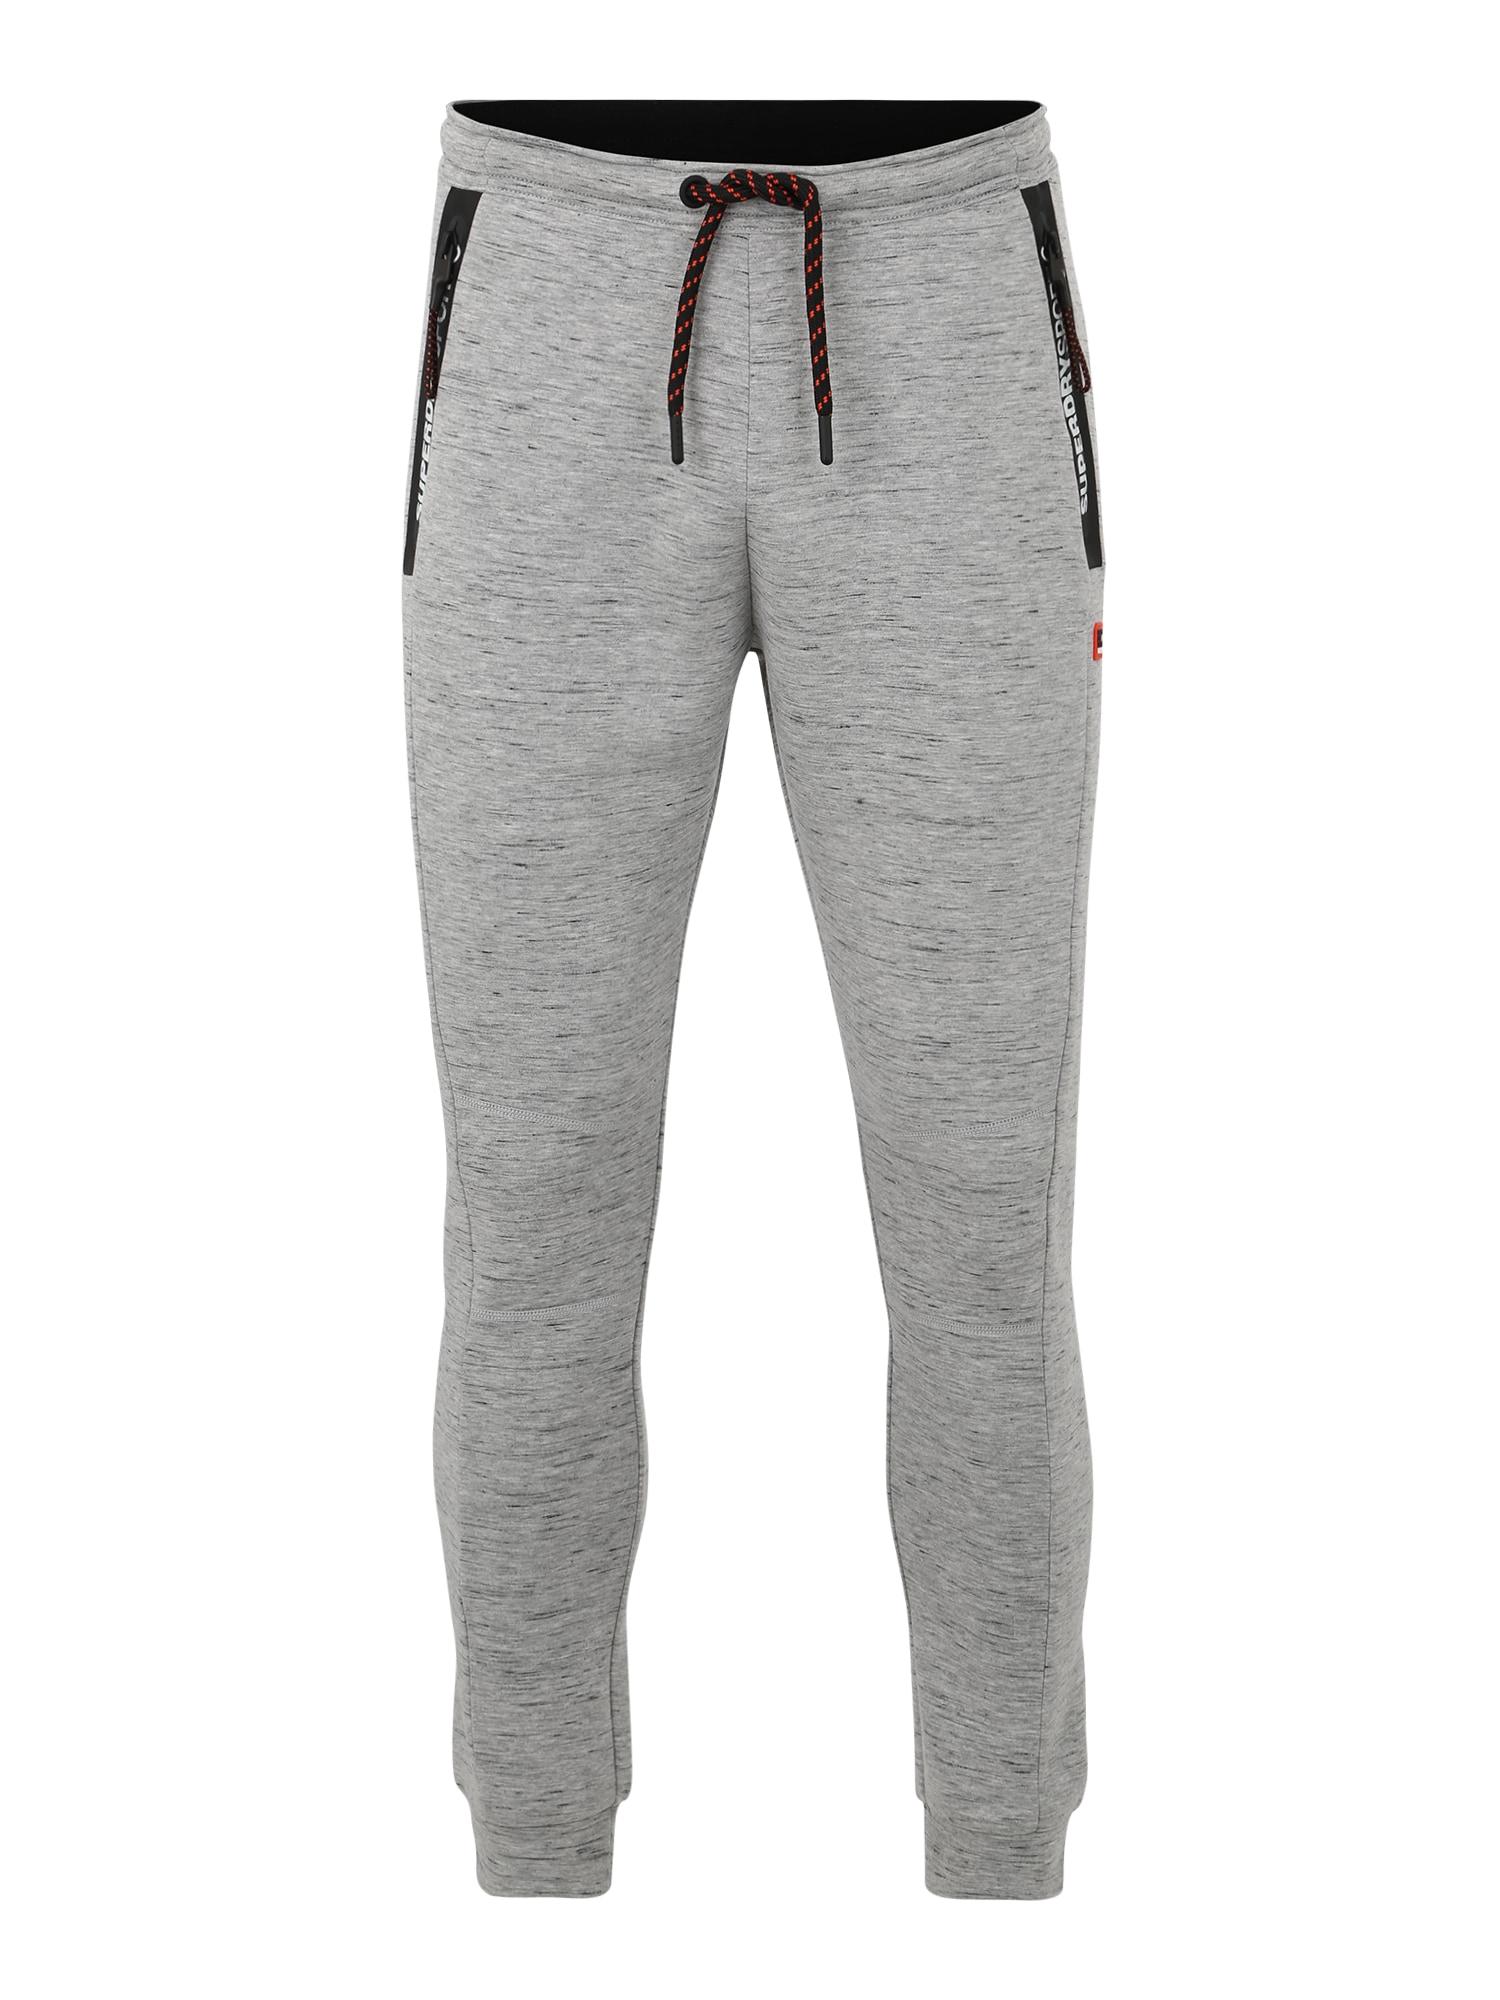 Sportovní kalhoty Gym Tech Stretch Slim světle šedá Superdry